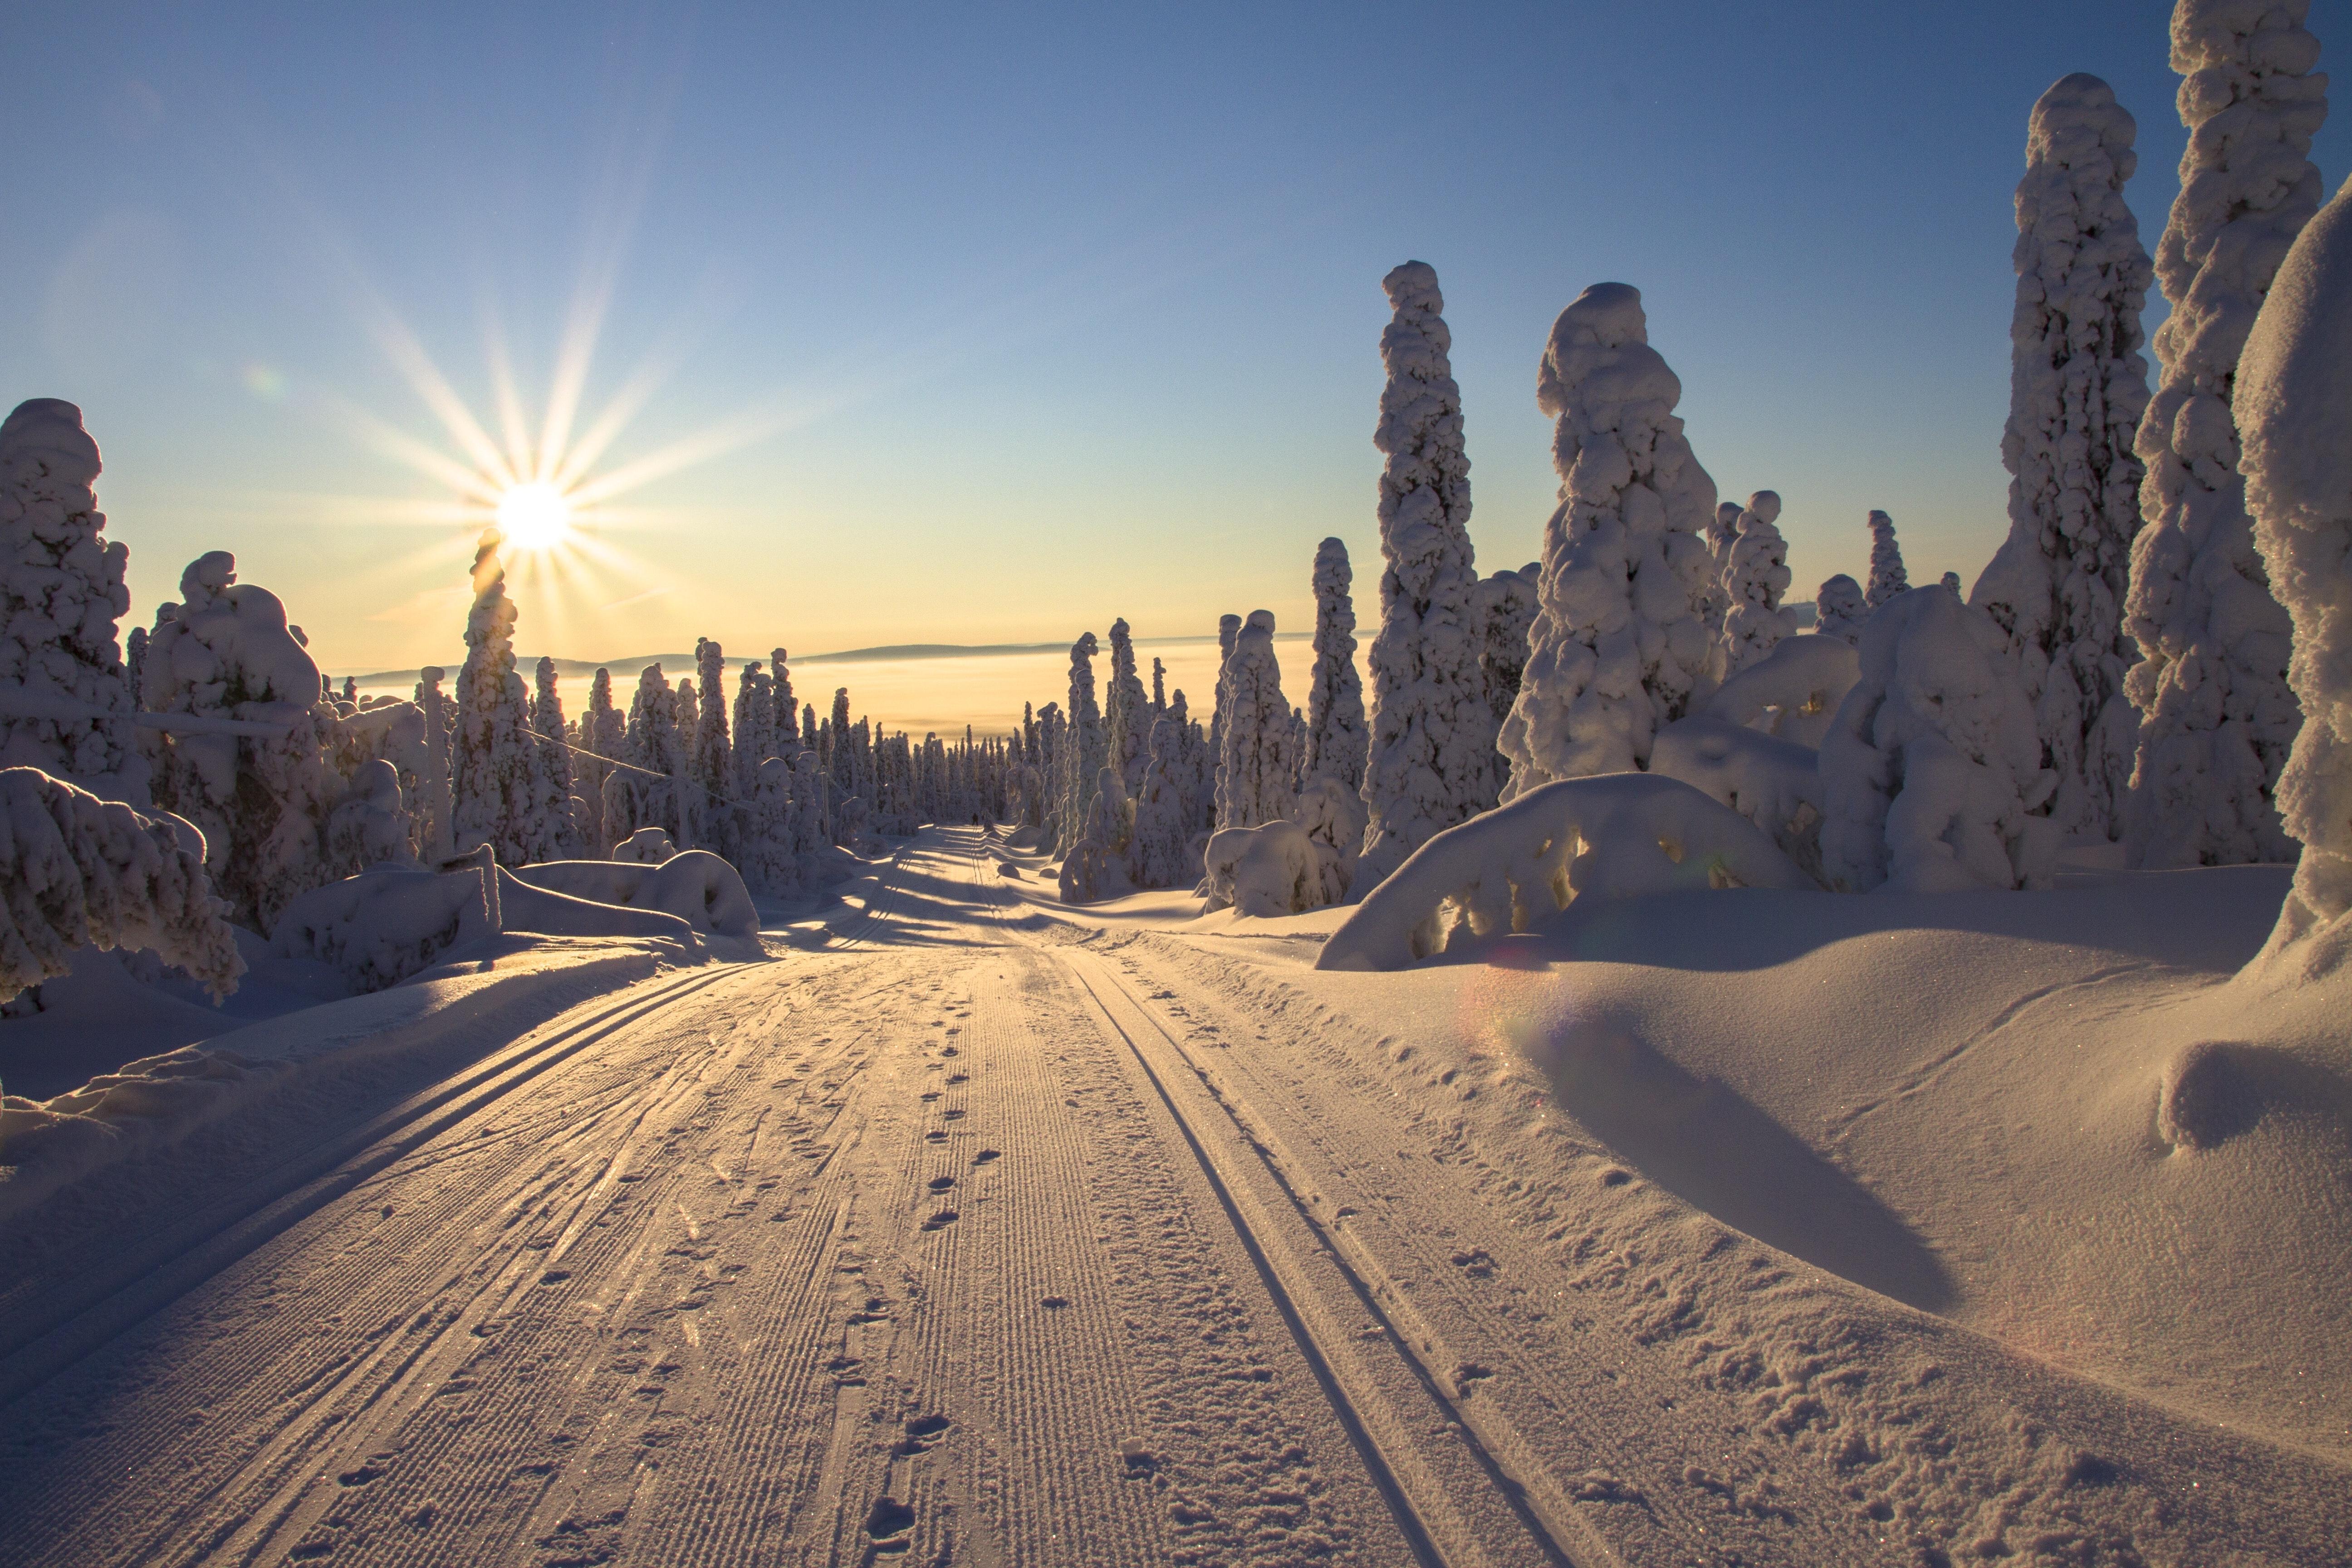 Vinter ski marka illustrasjon natur